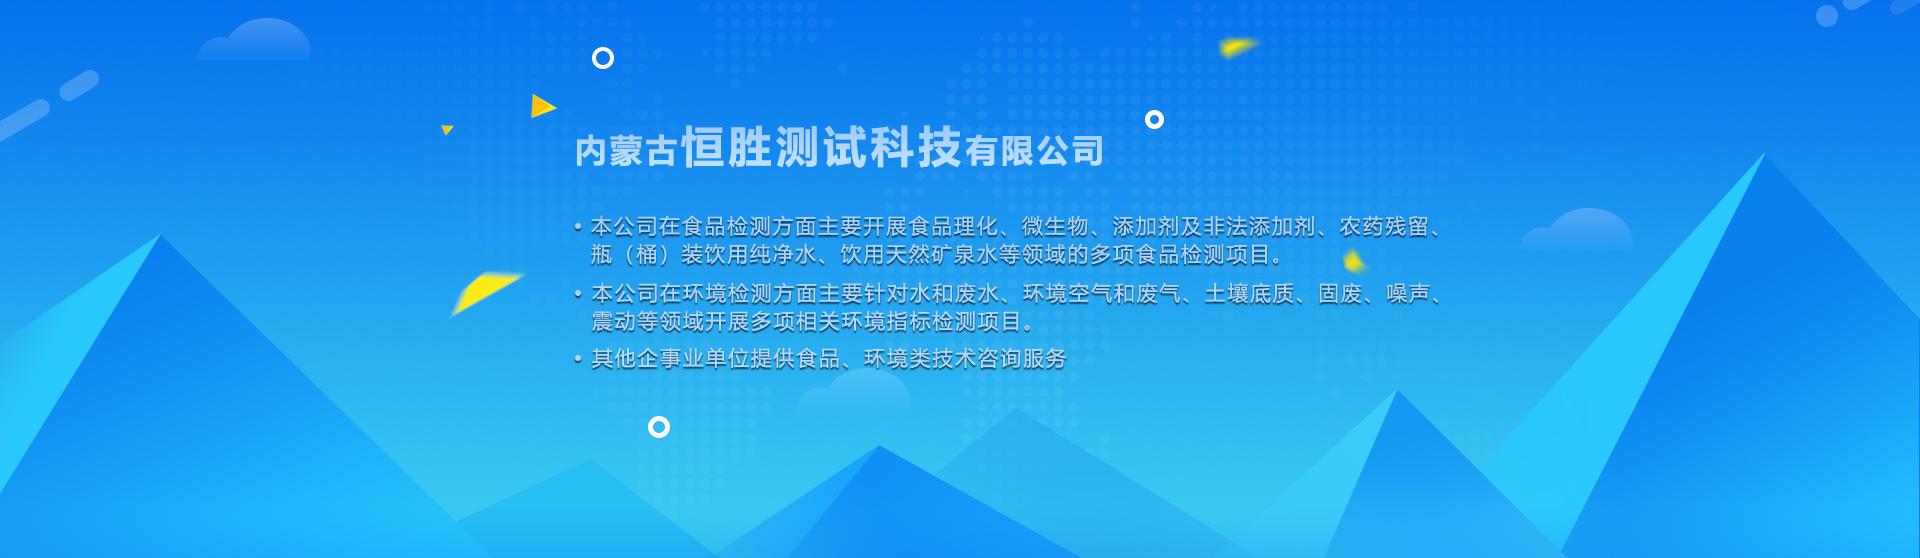 内蒙古恒胜测试科技有限公司